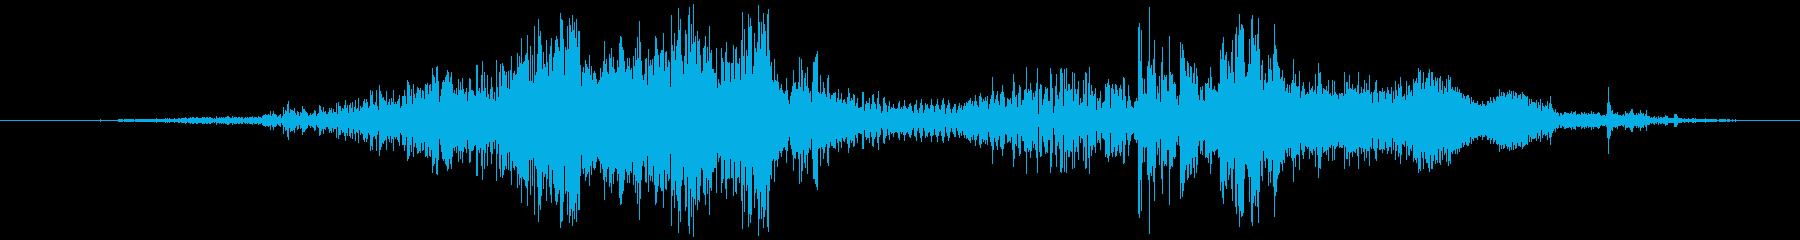 ギロチン:刃のドロップとヘッドのカ...の再生済みの波形